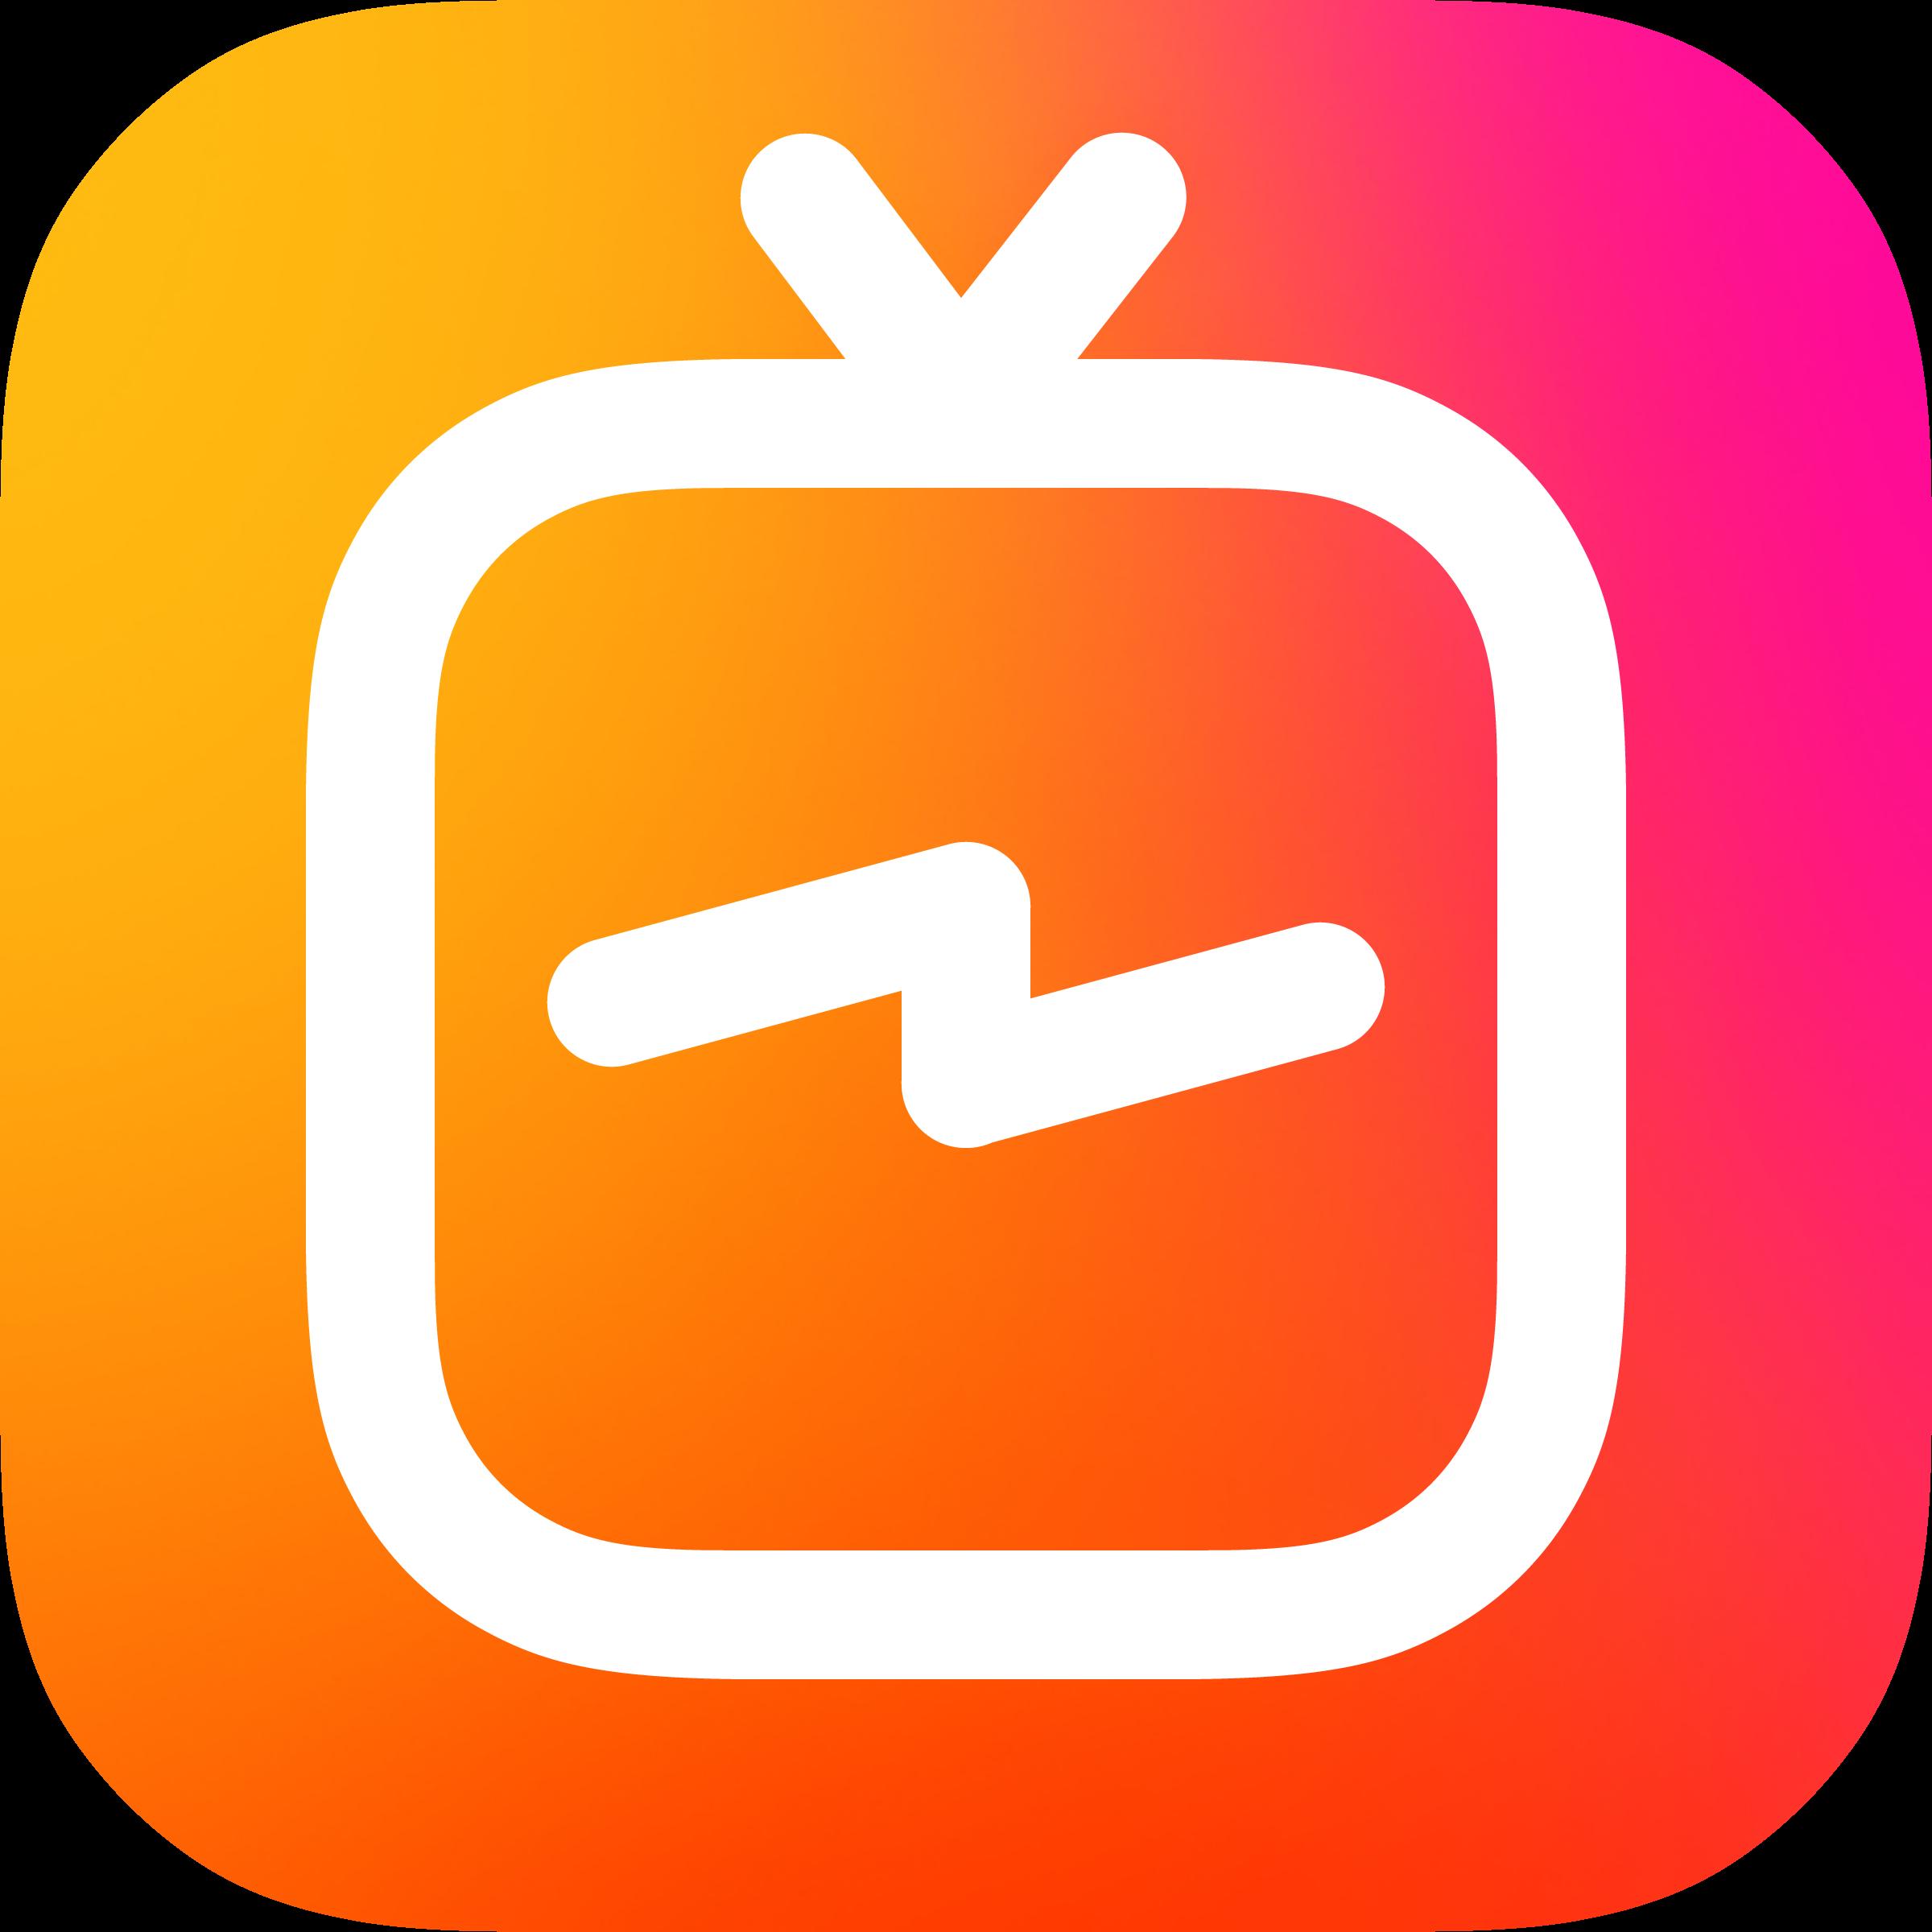 IGTV Logo Icon Transparent PNG PNG Transparent & SVG Vector.